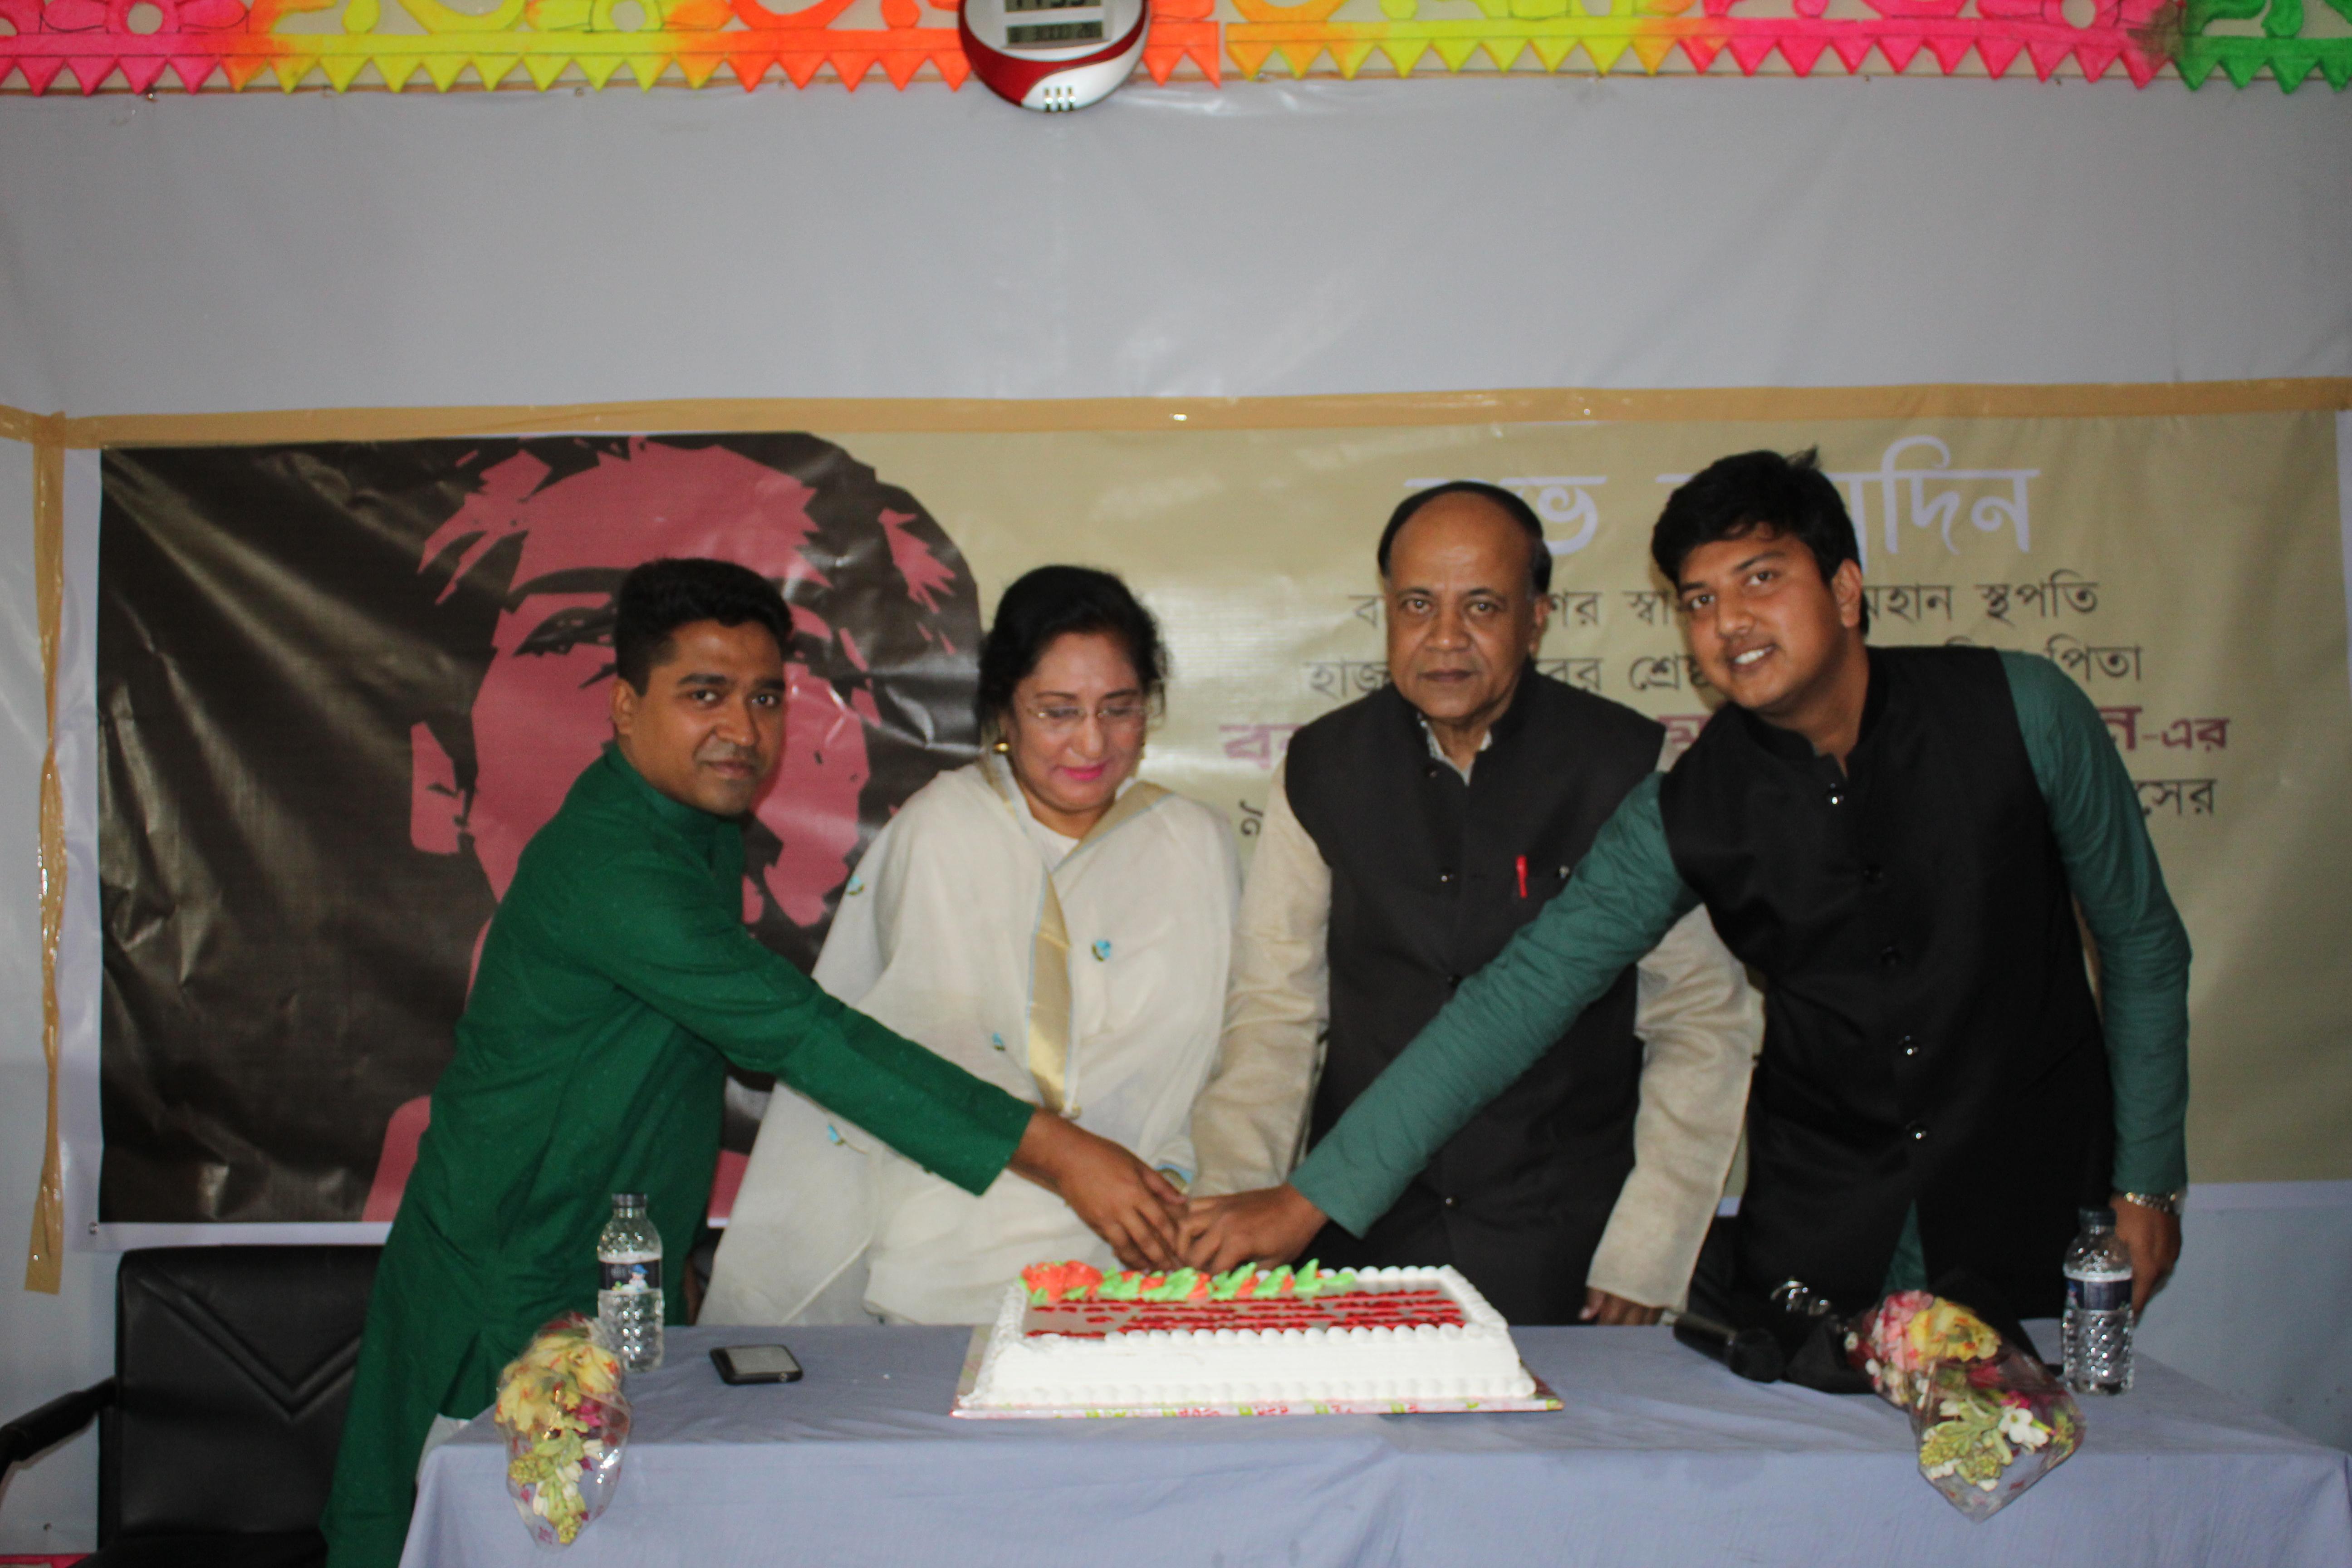 গুরুকুল এ বঙ্গবন্ধুর জন্মবার্ষিকী-Birth anniversary of Bangabandhu at Gurukul